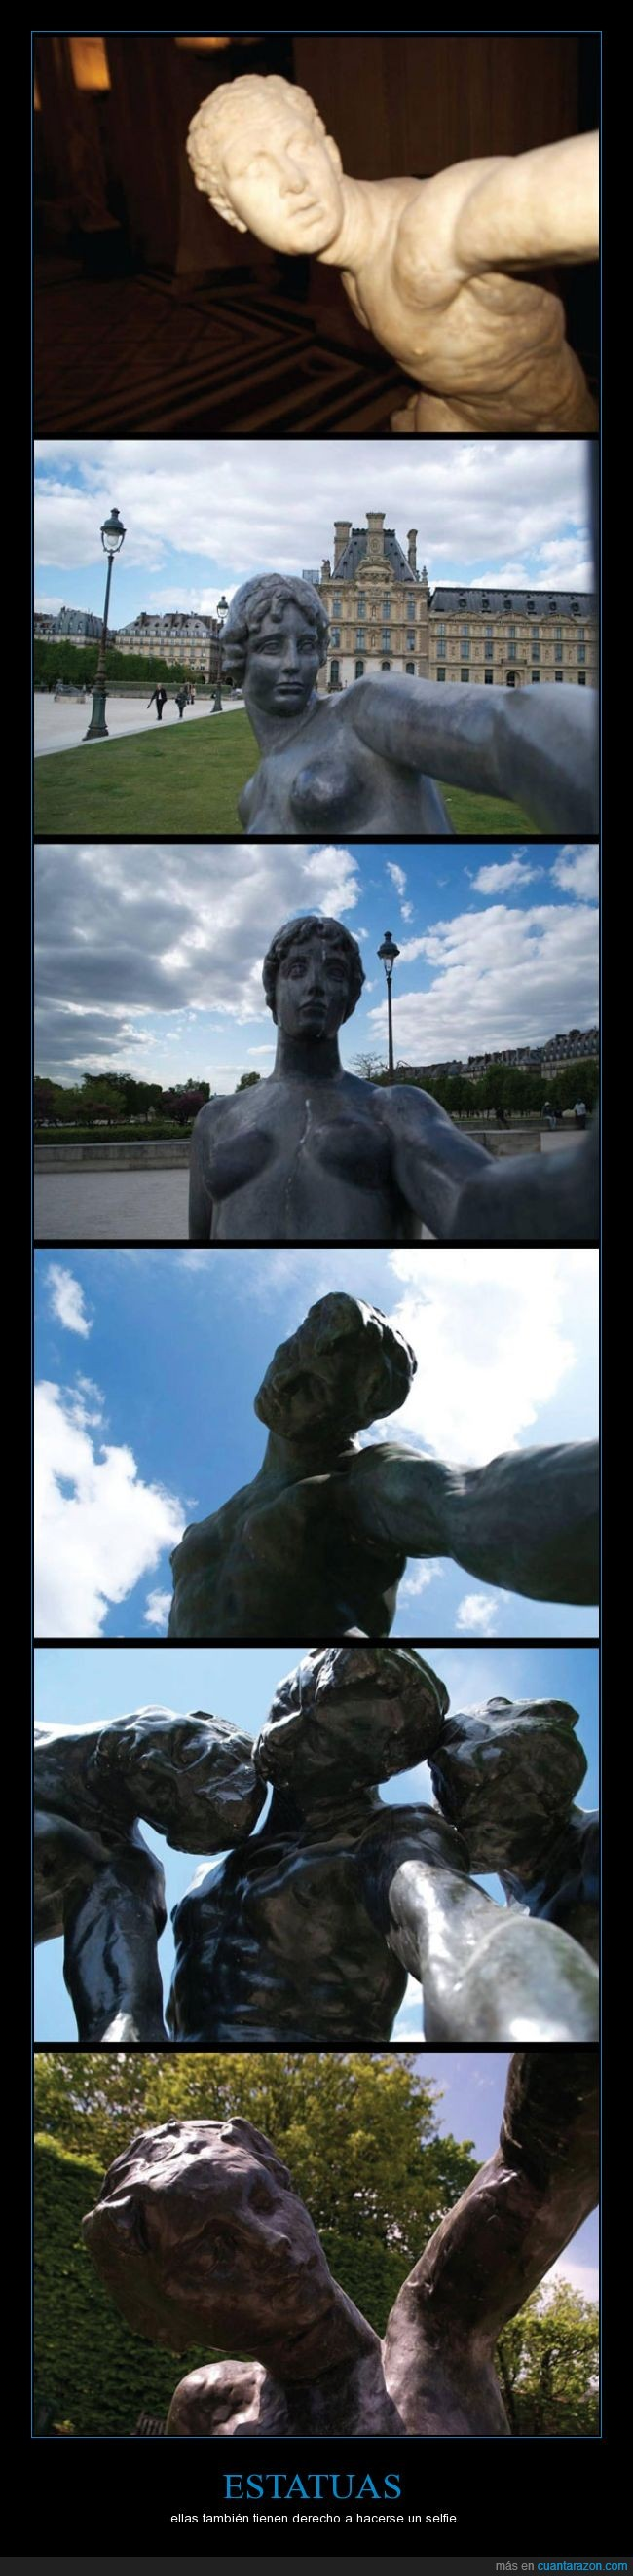 autofoto,autoretrato,brazo,escultura,estatua,foto,foto tuenti,selfie